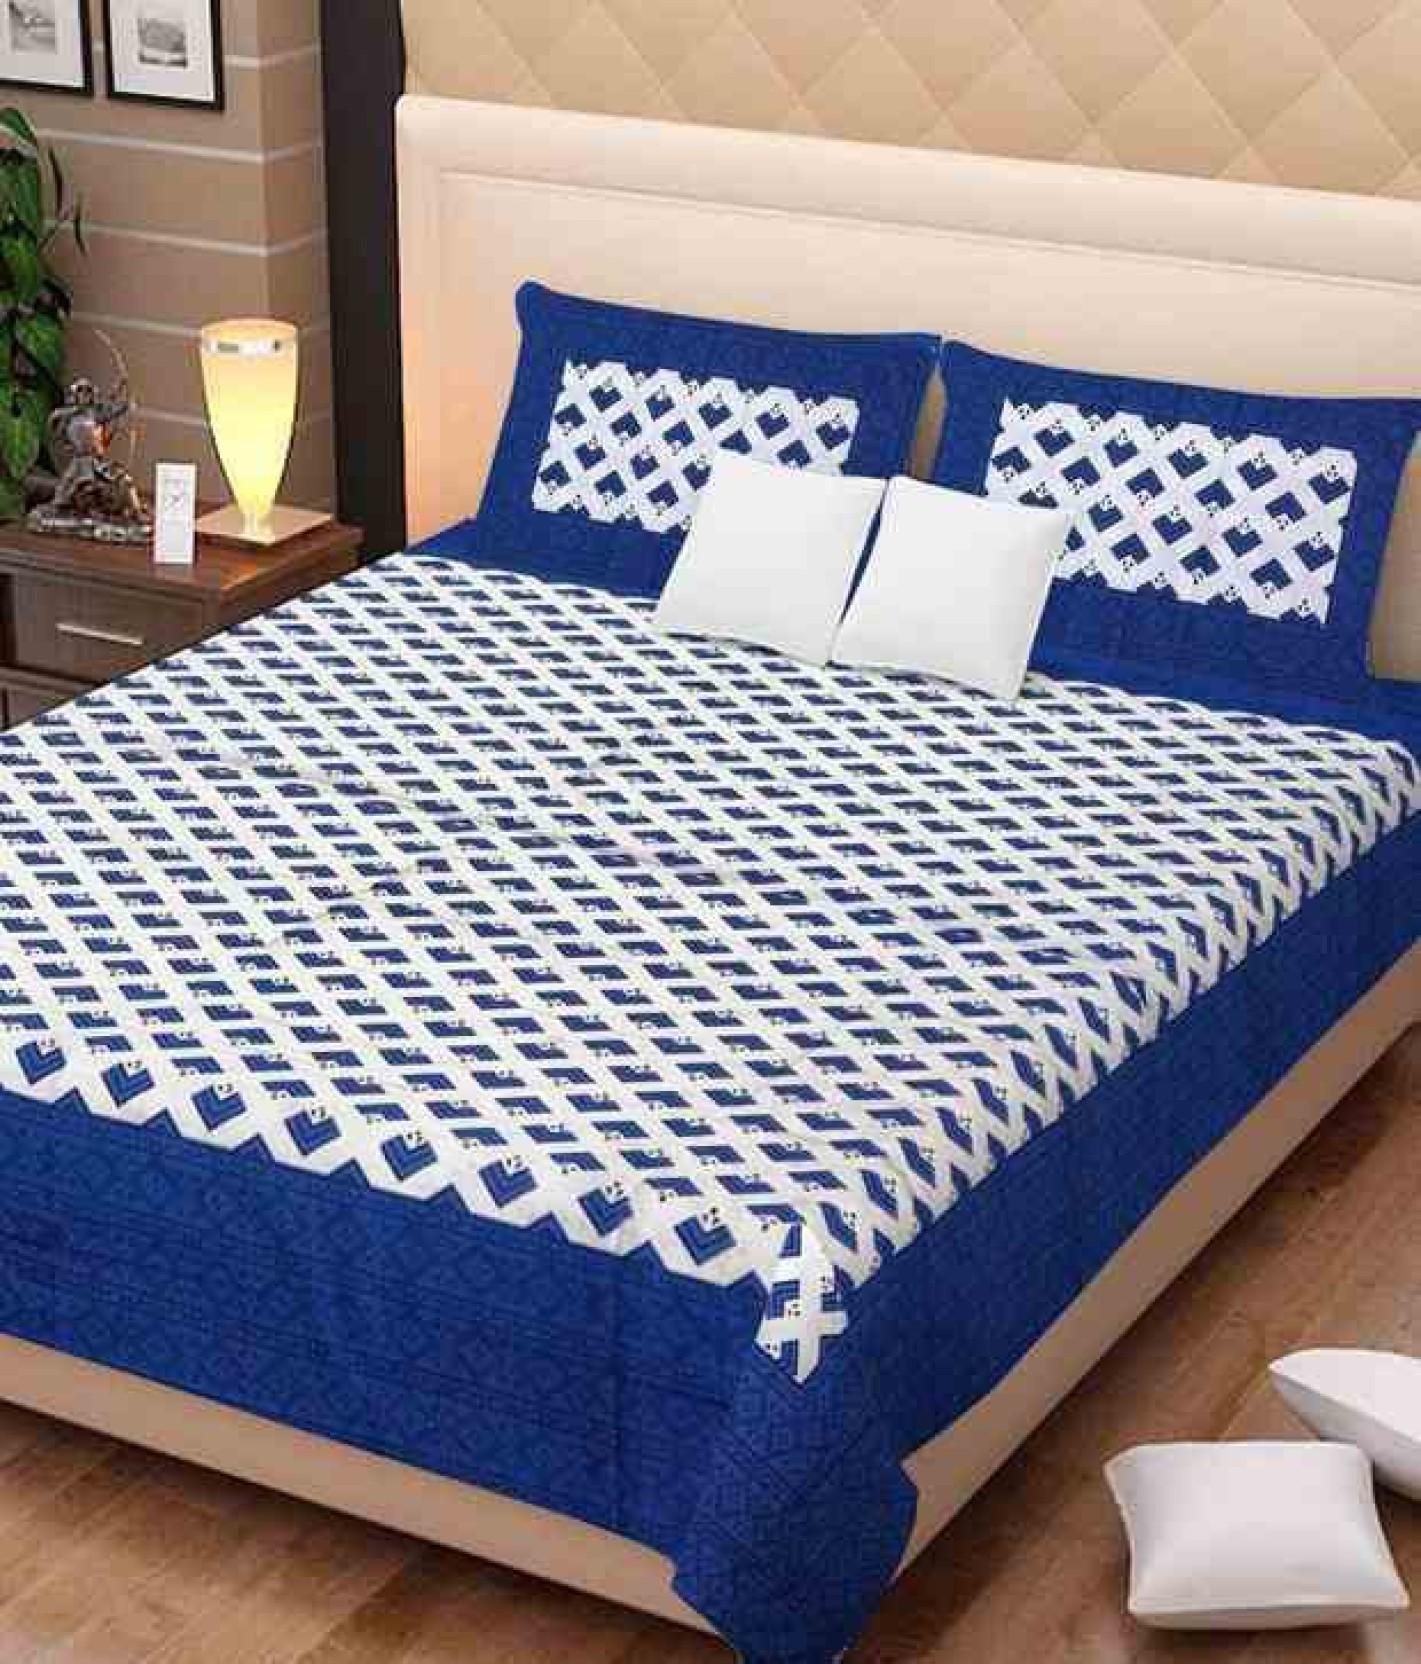 Bed Linen Sales Online Uk